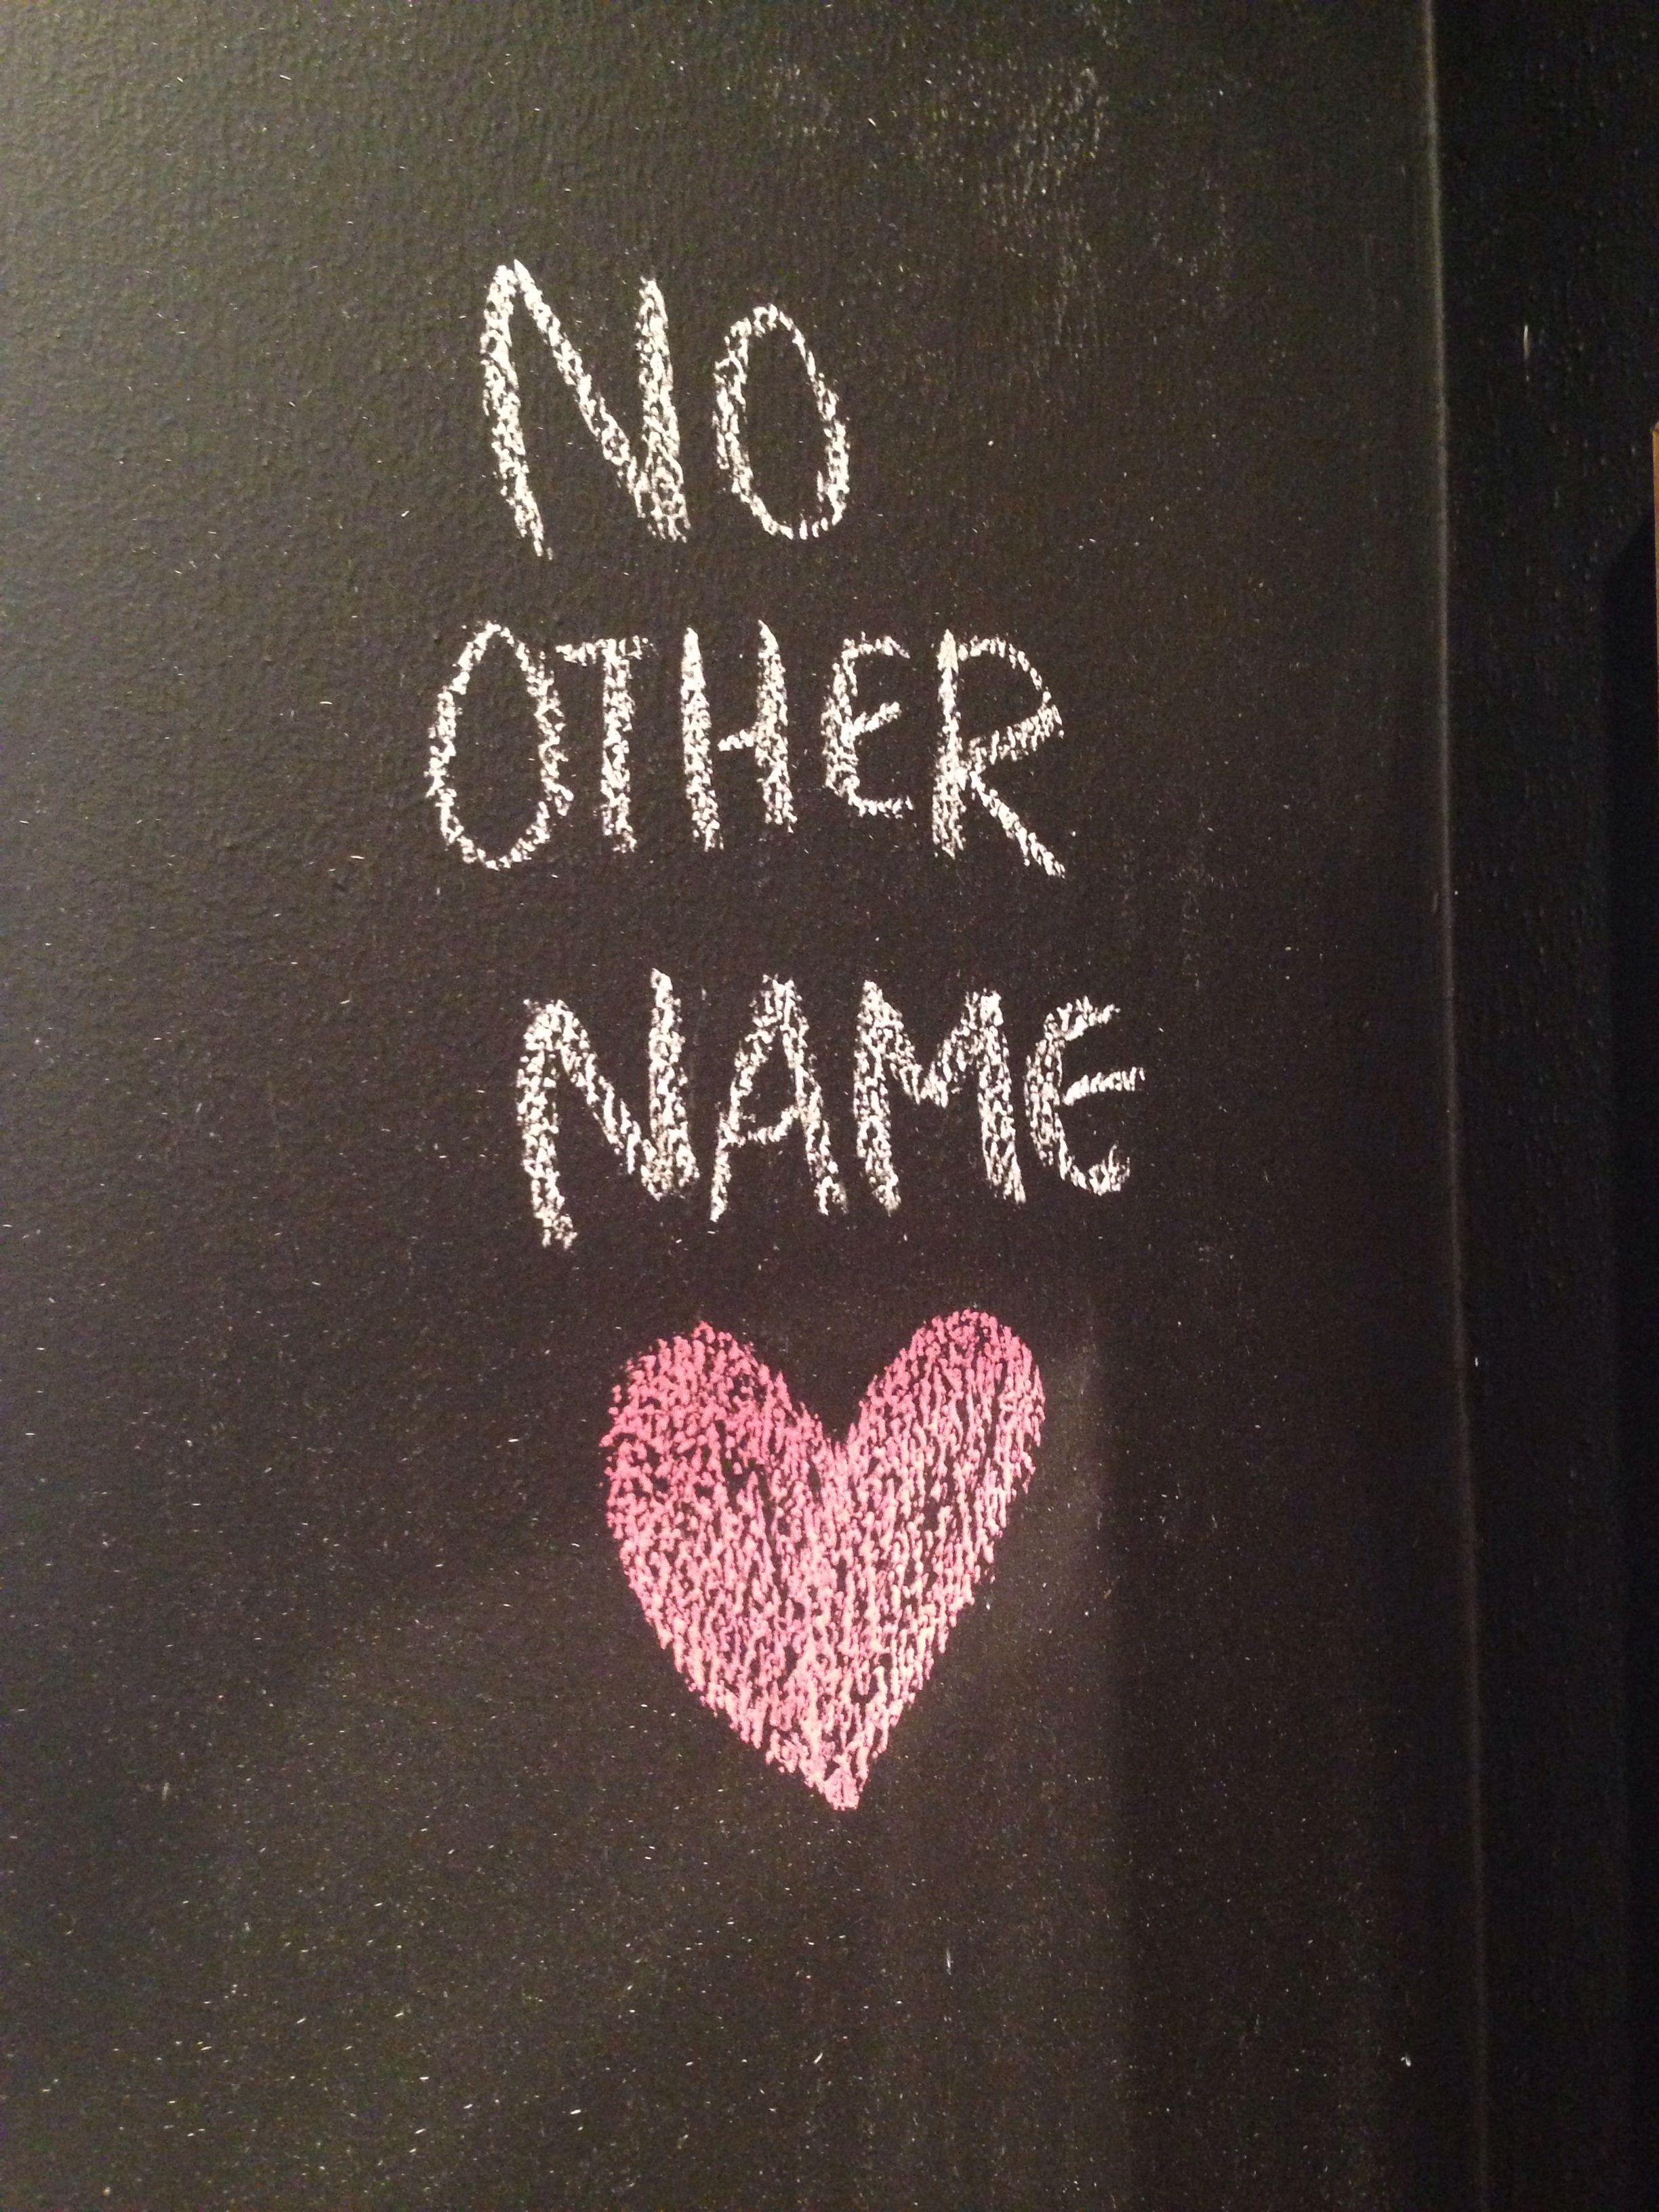 porque no hay otro nombre bajo del cielo, dado a los hombres, en que se pueda ser salvos.